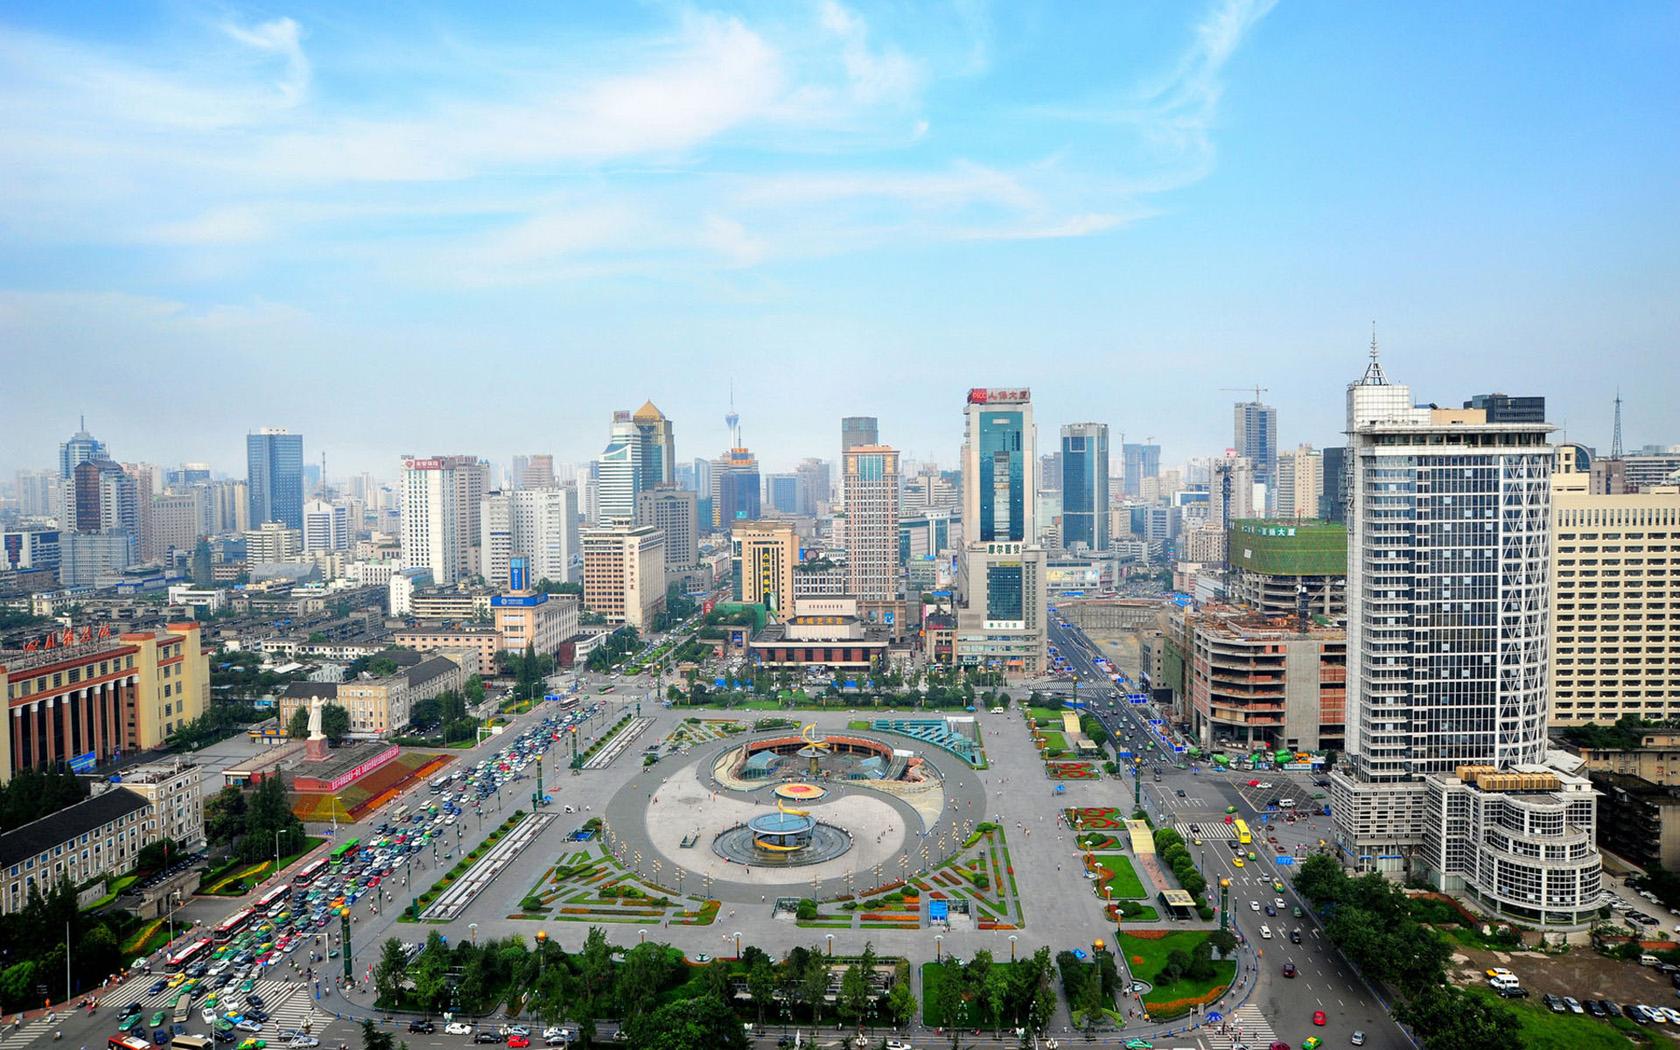 Tianfu Square in Chengdu_1680x1050